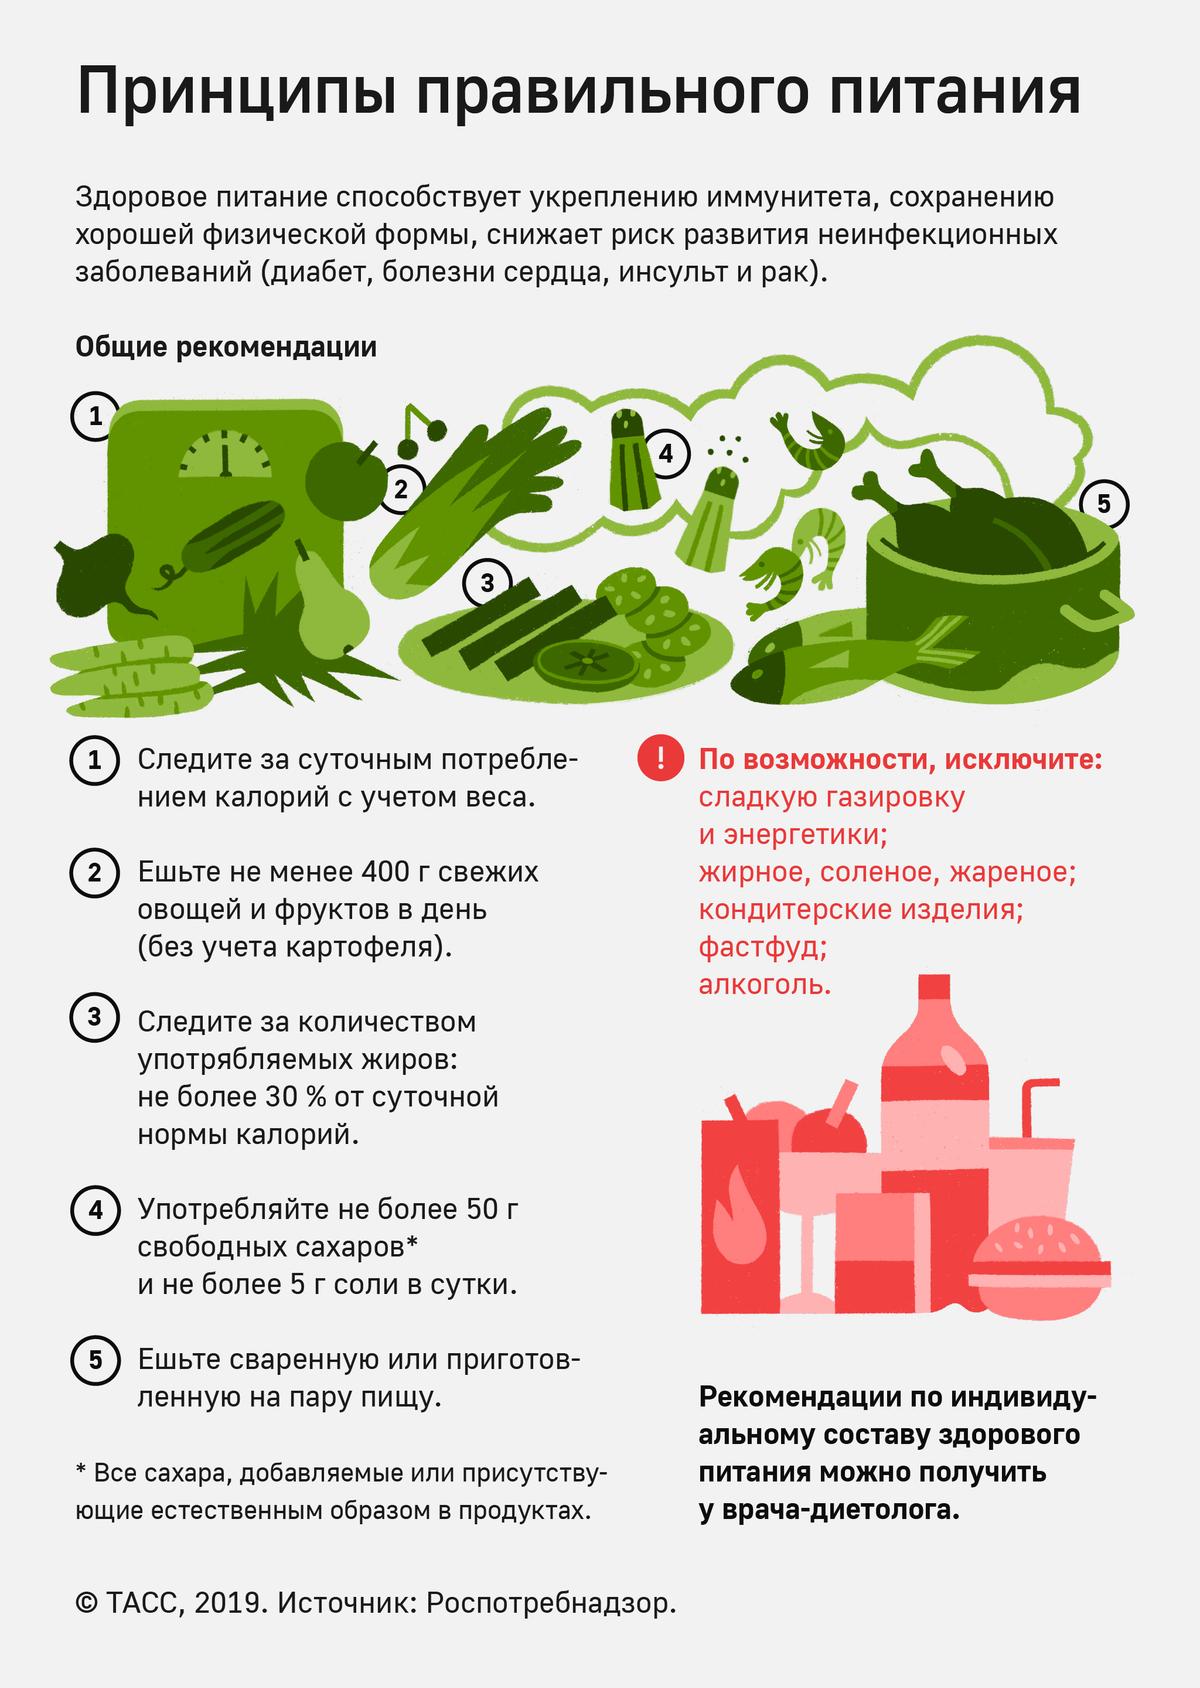 Российские рекомендации чуть менее наглядные, но все равно отражают главные принципы здорового питания согласно ВОЗ